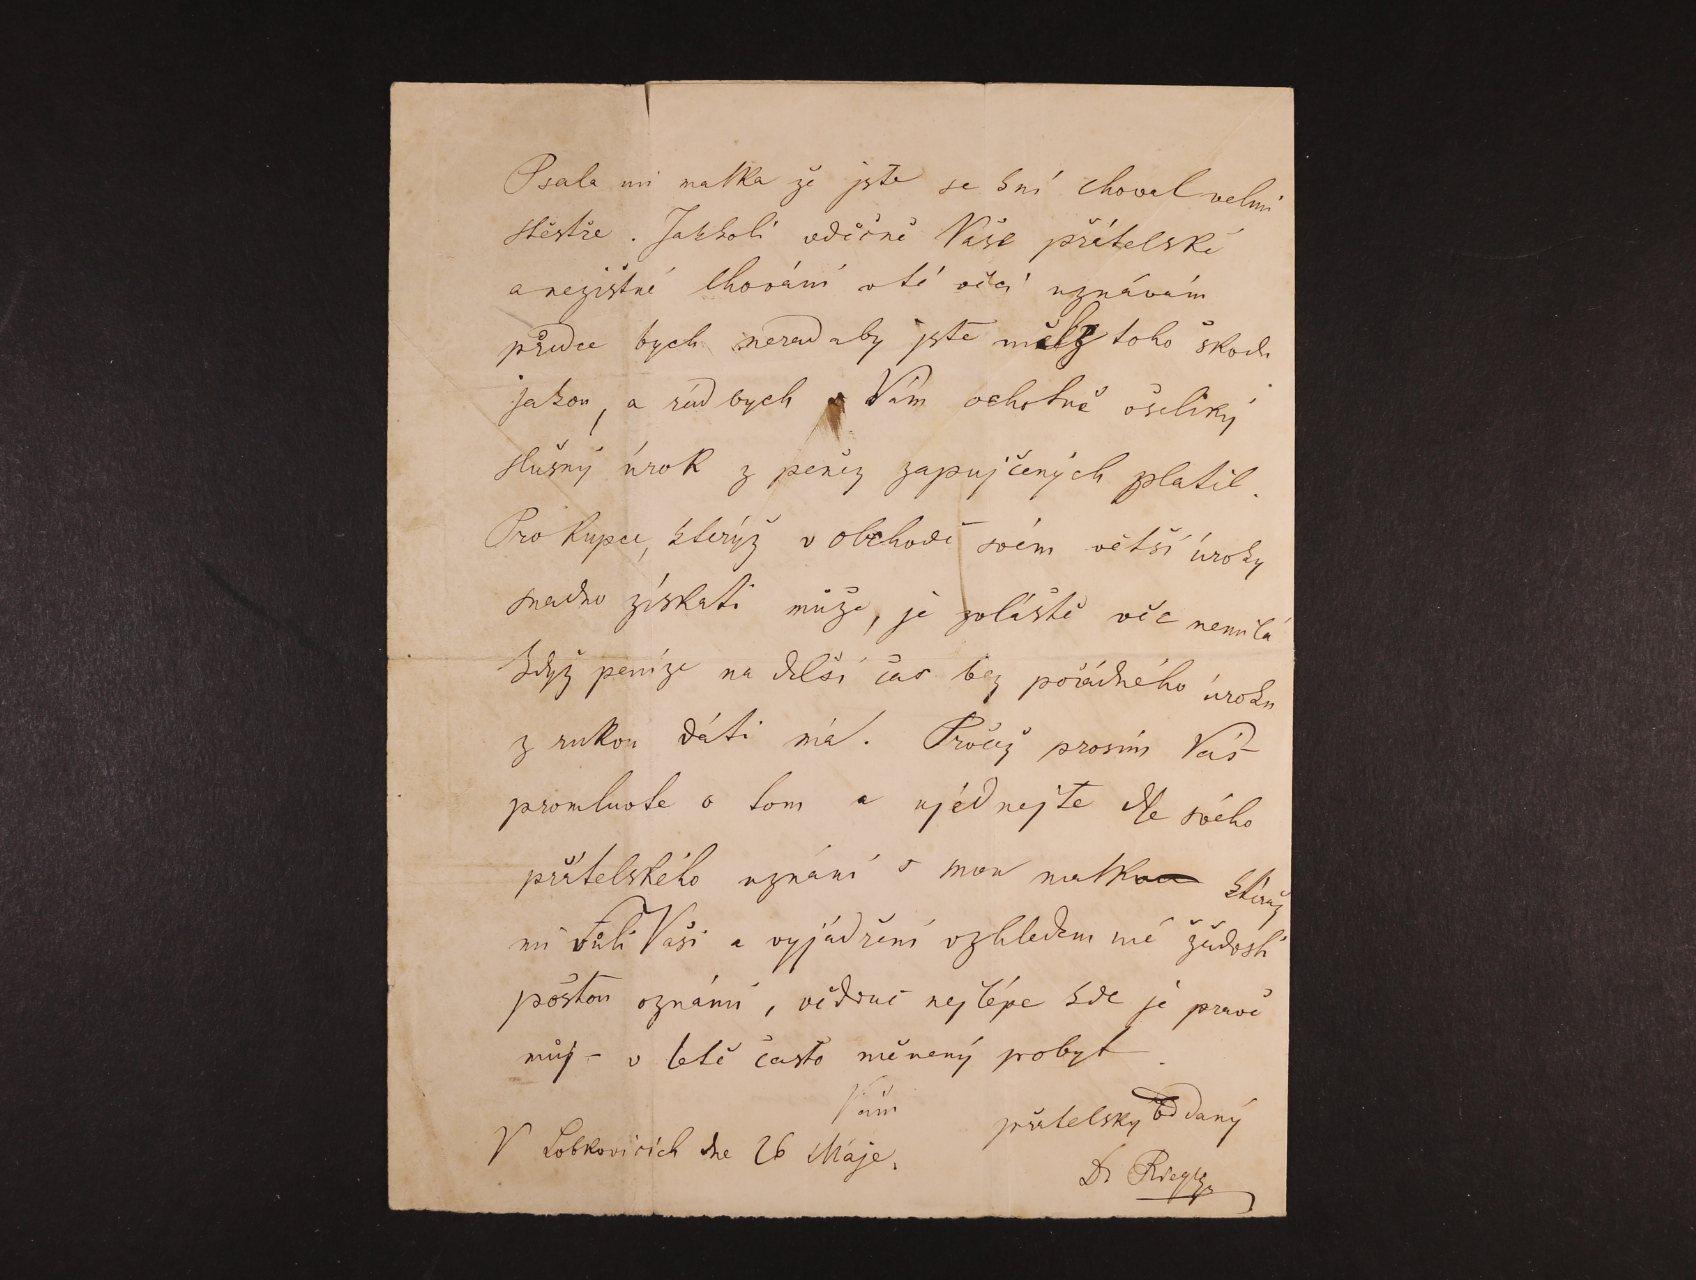 Rieger František Ladislav 1818 - 1903, spisovatel, profesor, nár. obrozenec - vlastnoručně psaný dopis s podpisem z 26.5.1857